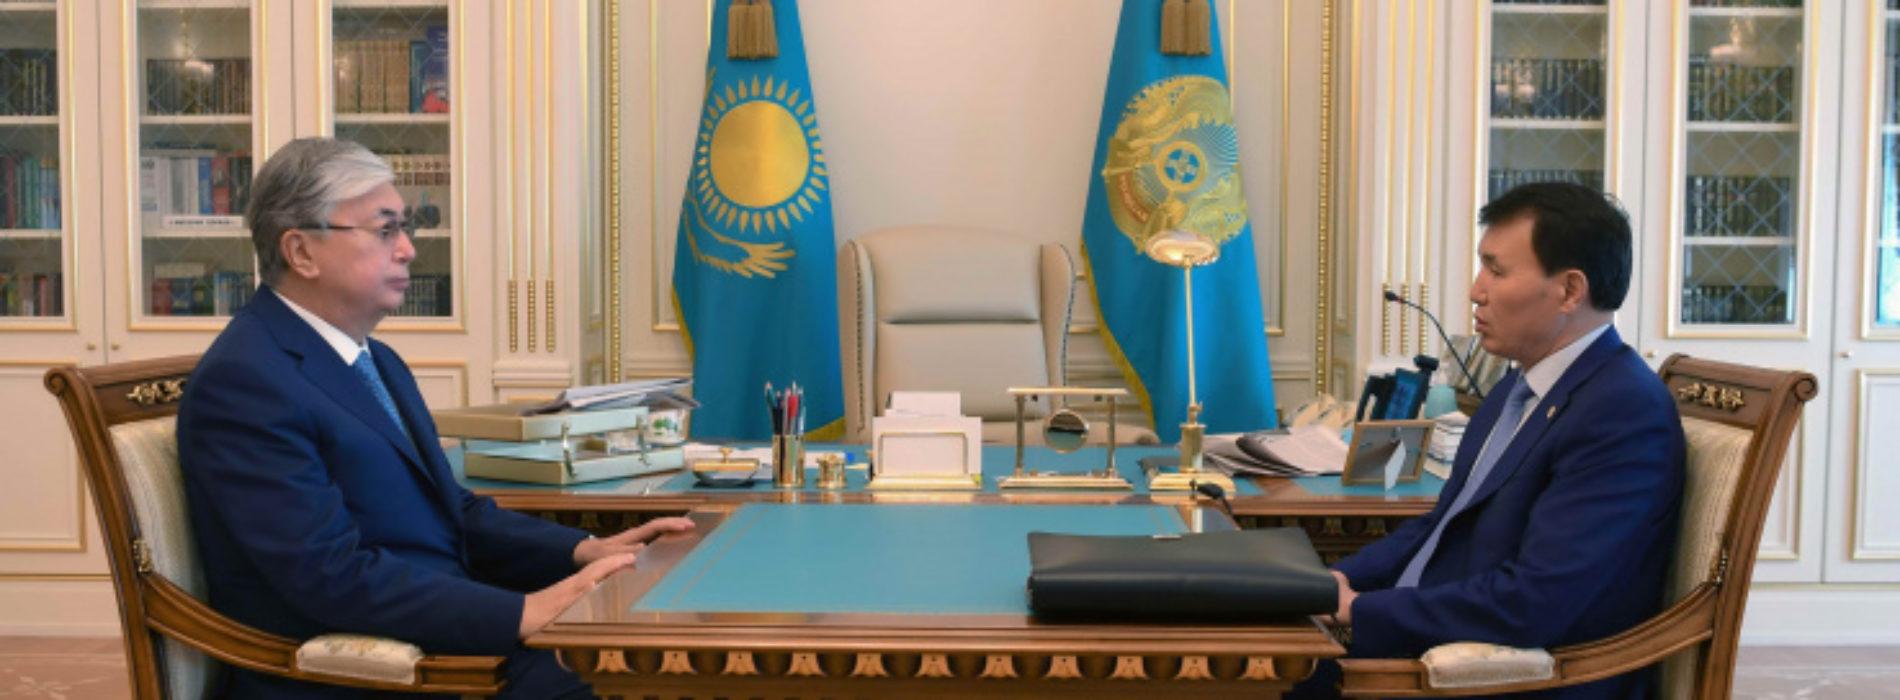 Токаев указал Шпекбаеву на важность отставки руководителей госорганов за коррупцию подчиненных